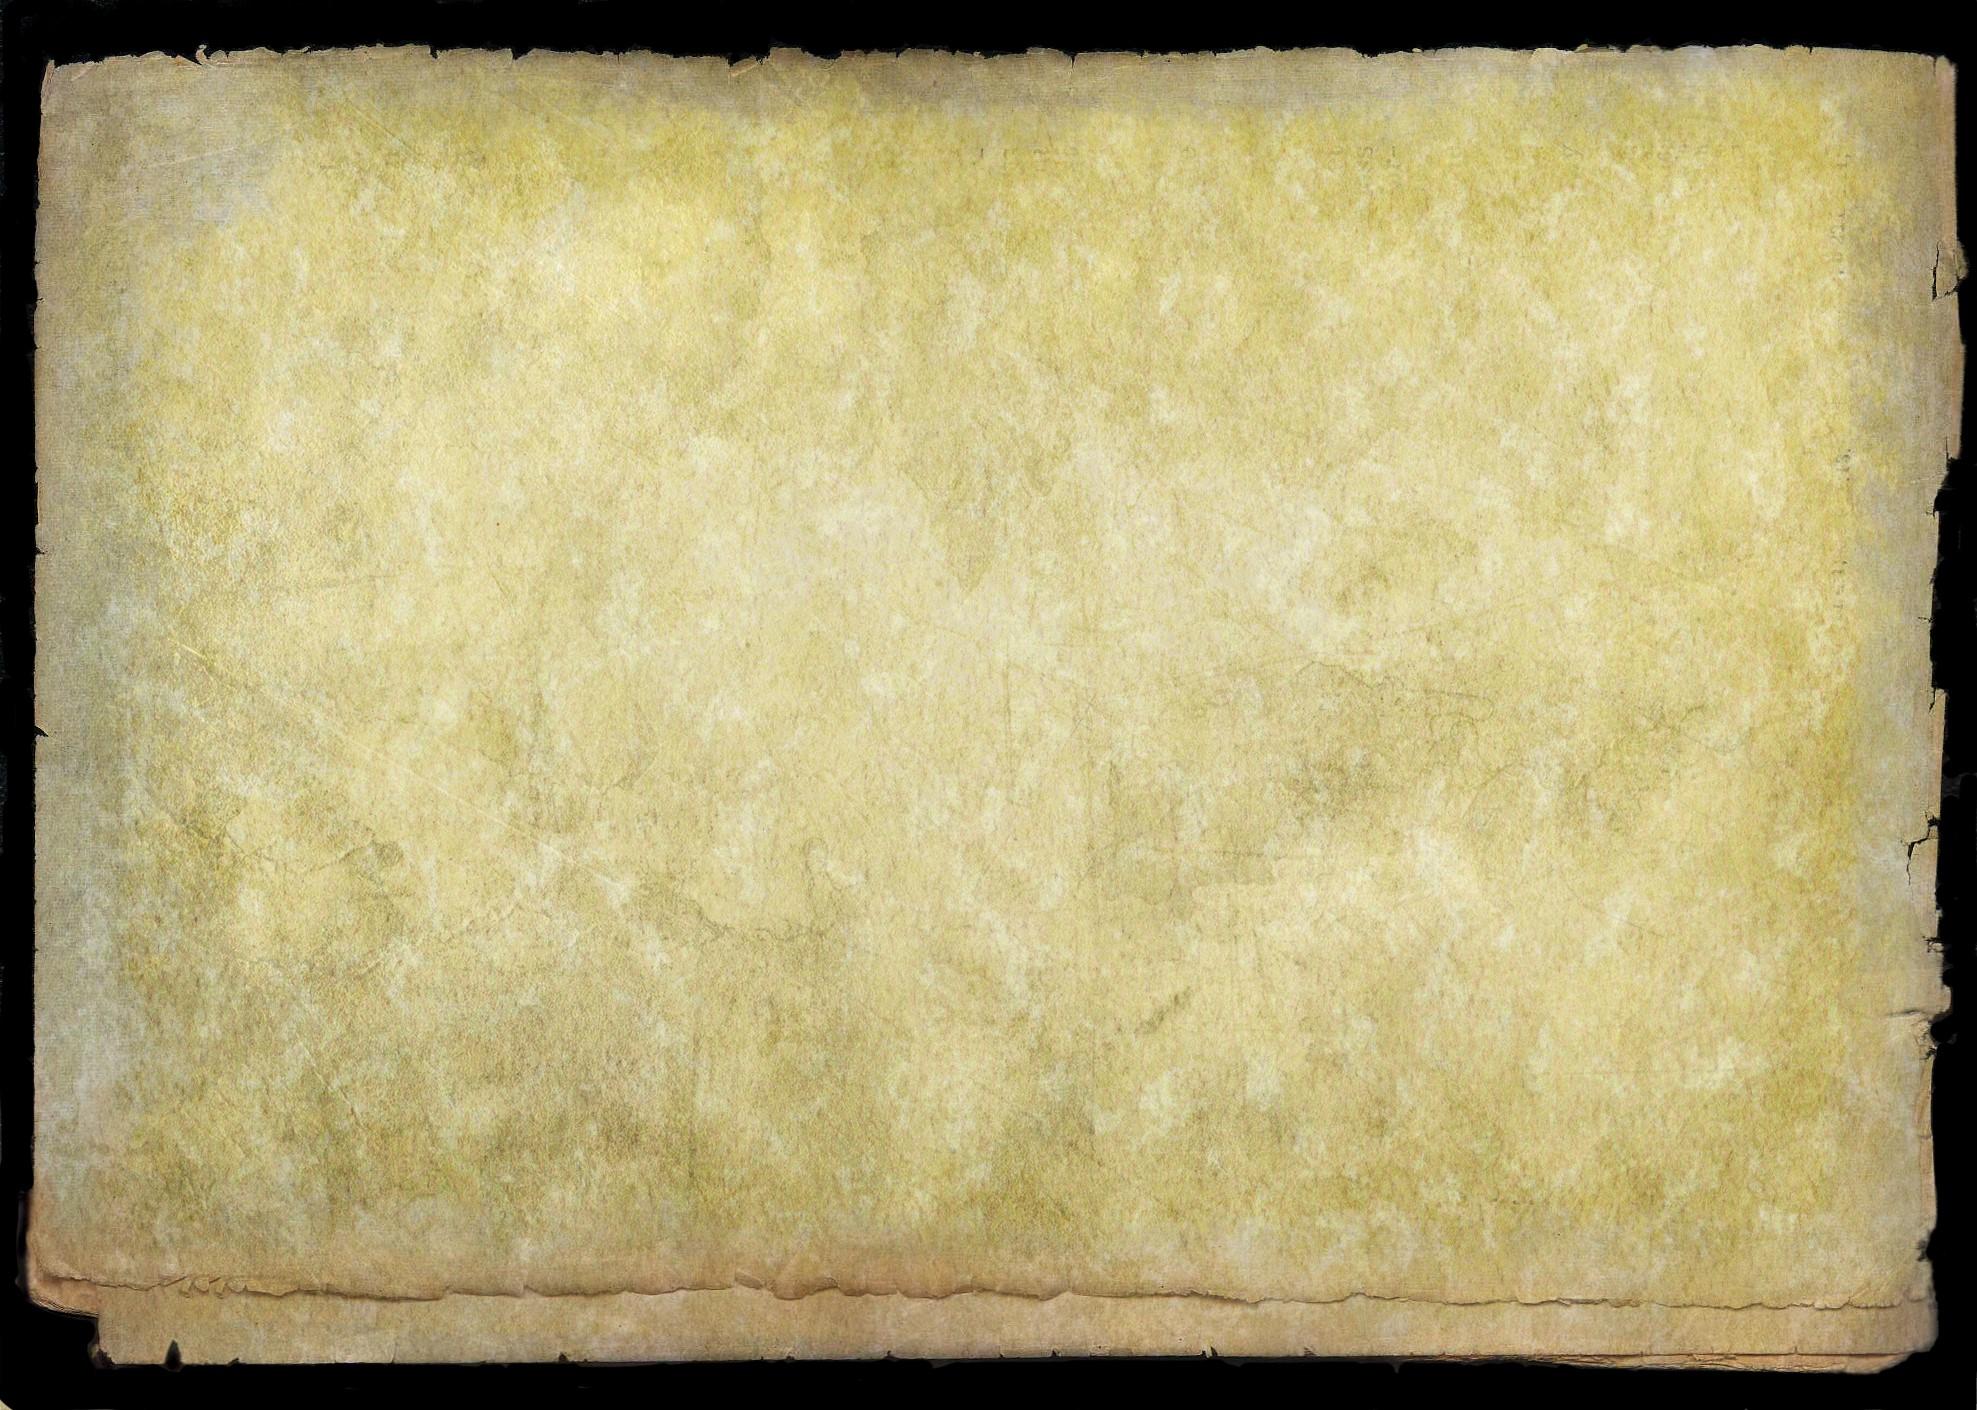 Paper/Grunge Texture